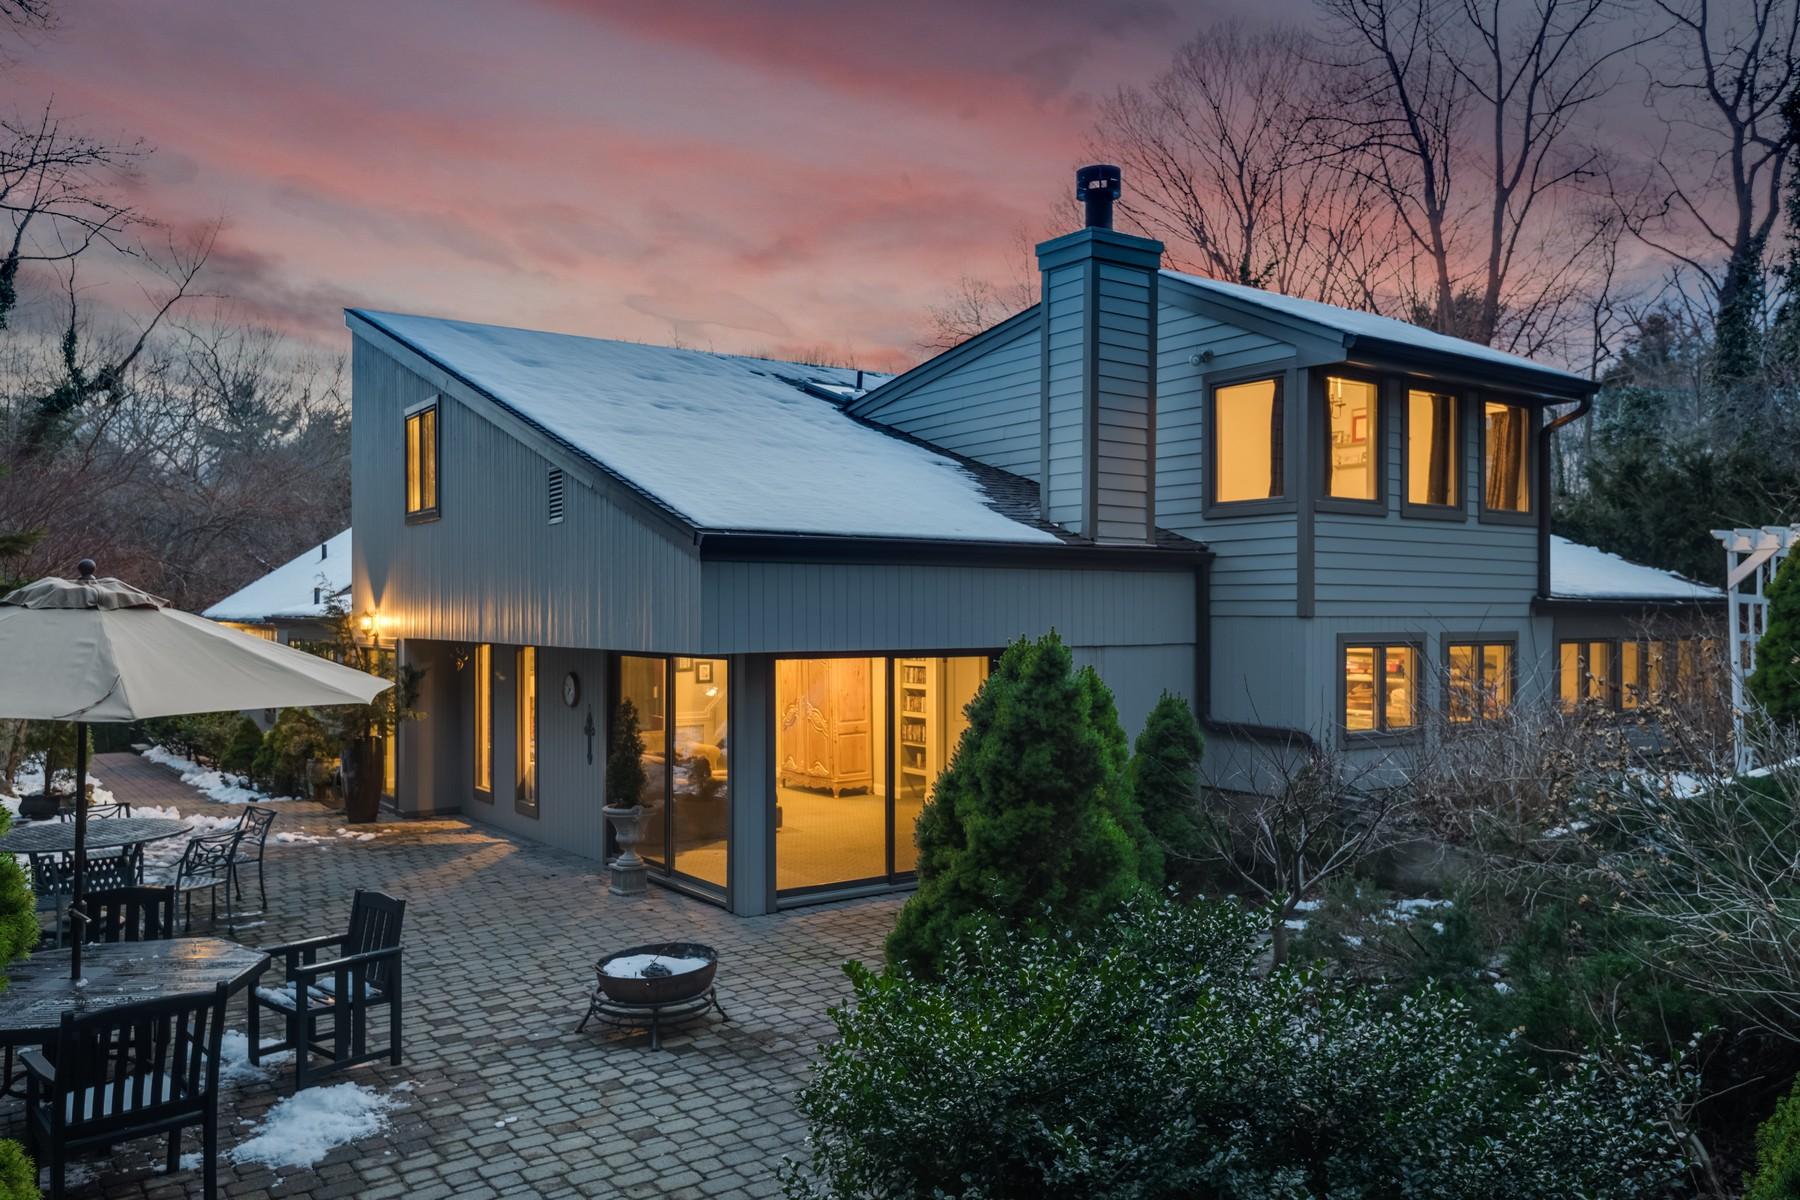 獨棟家庭住宅 為 出售 在 352 West Neck Rd , Lloyd Harbor, NY 11743 352 West Neck Rd, Lloyd Harbor, 紐約州, 11743 美國